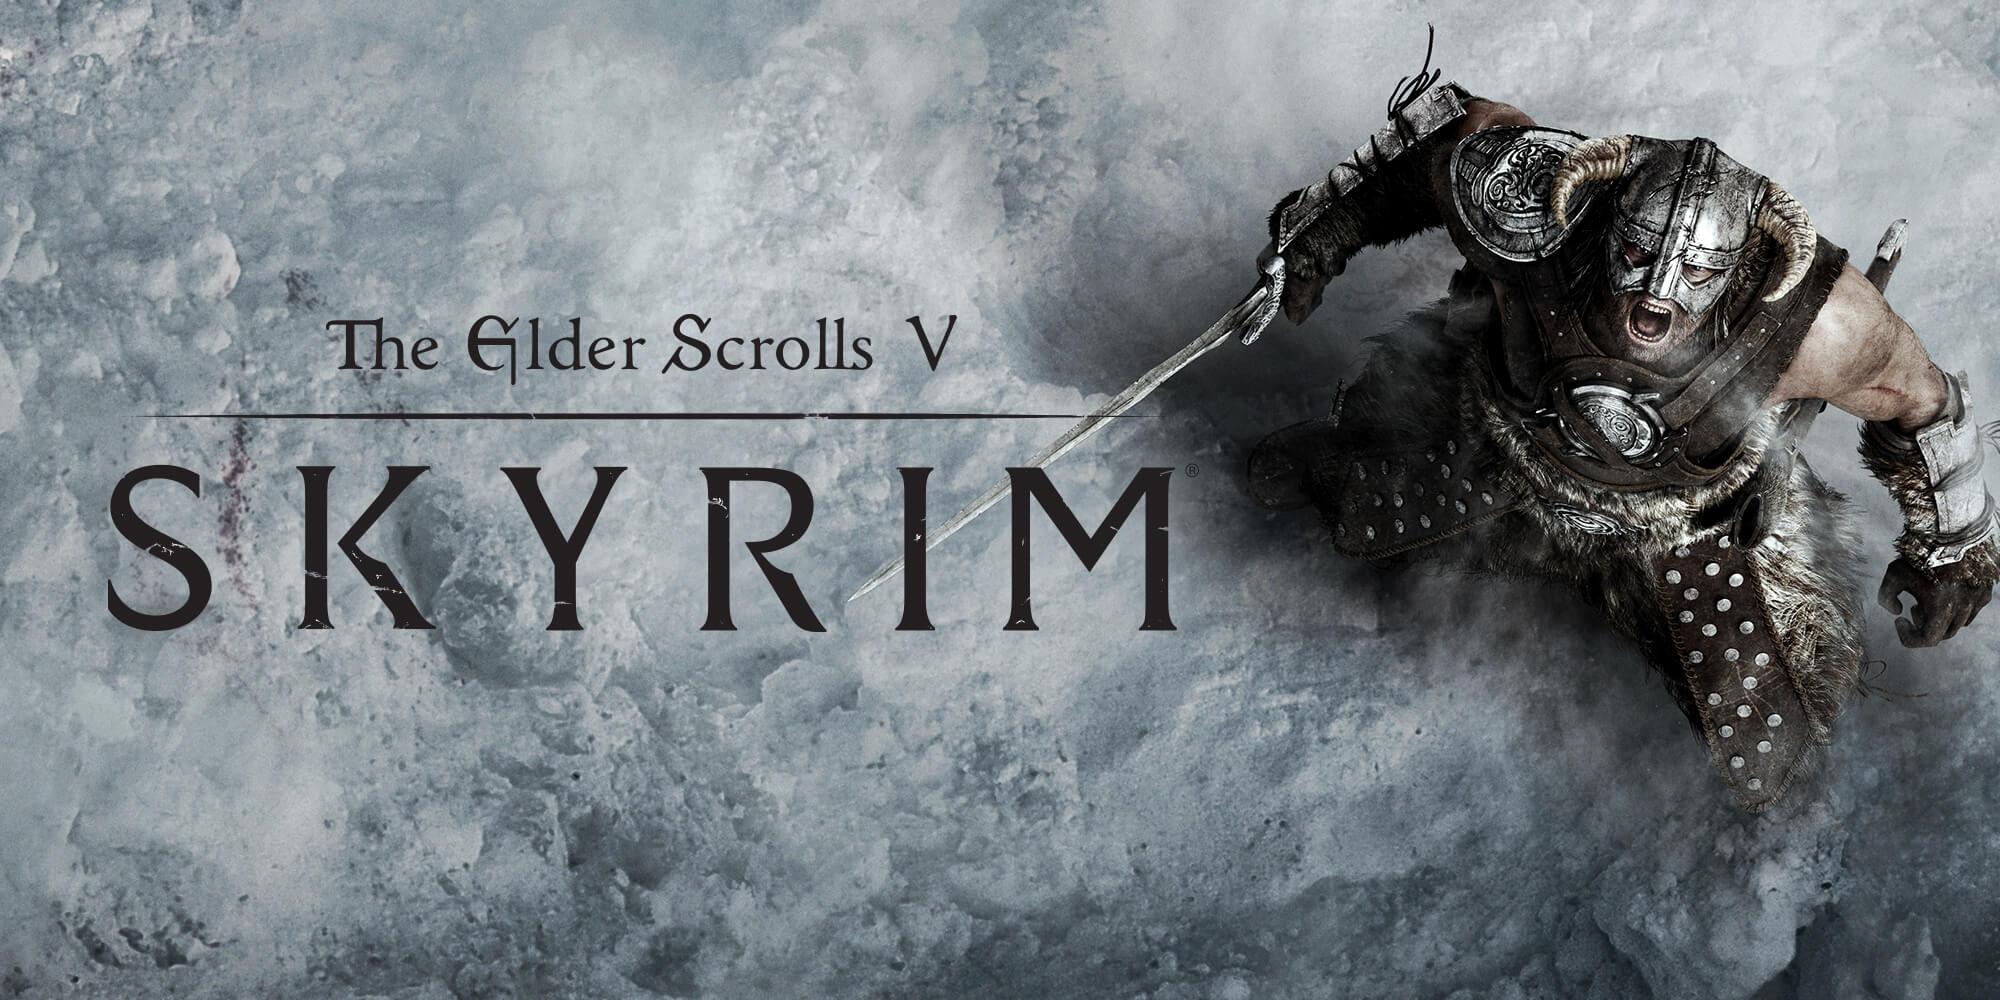 The Elder Scrolls V Skyrim Review